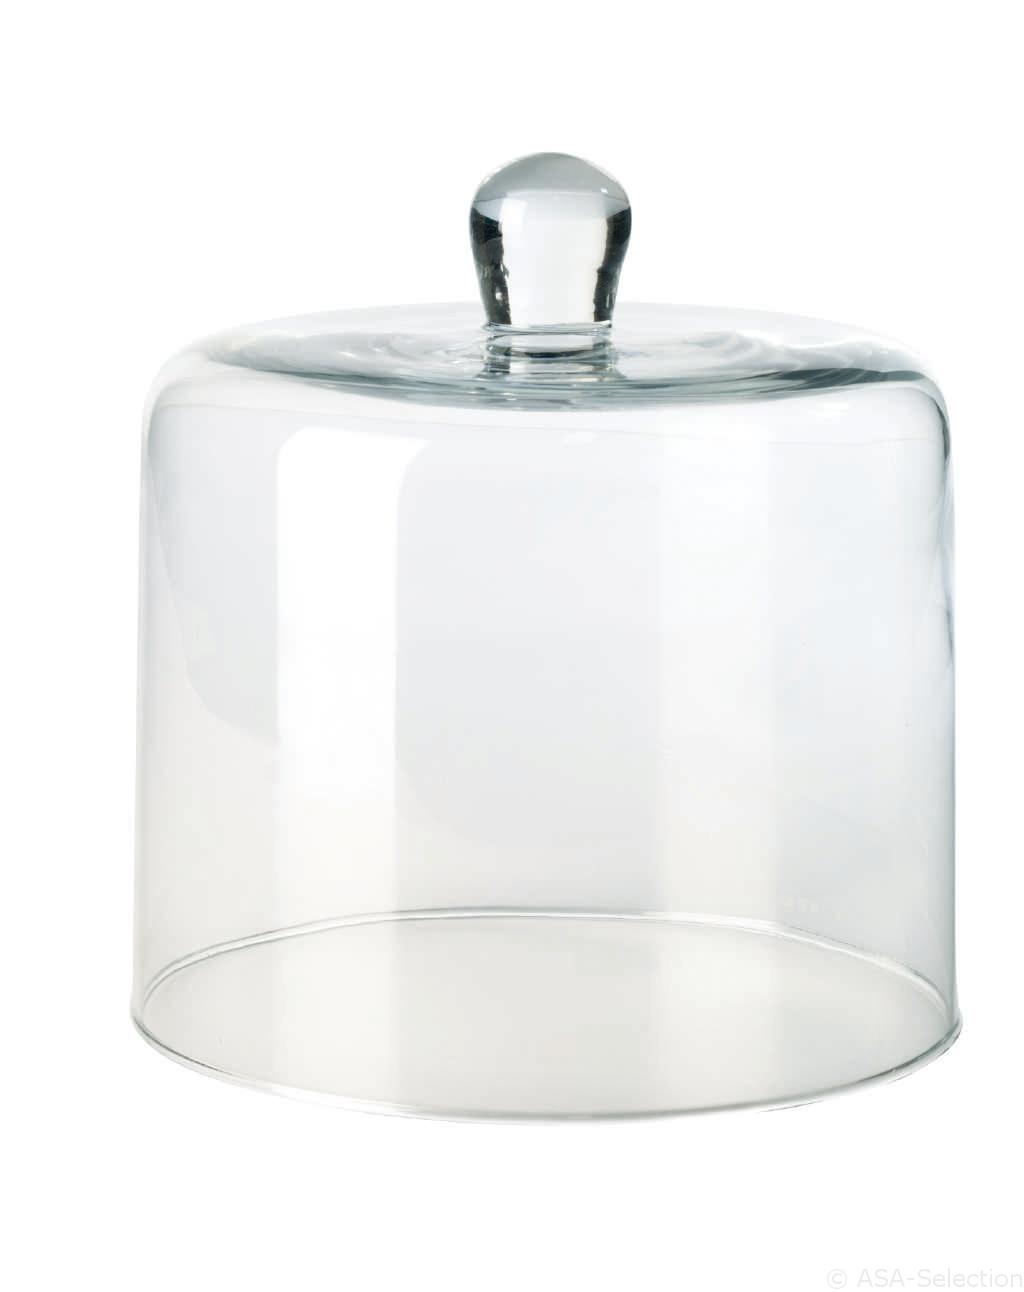 5303009 Glasglocke - Capac de sticlă BACKEN (5303009)